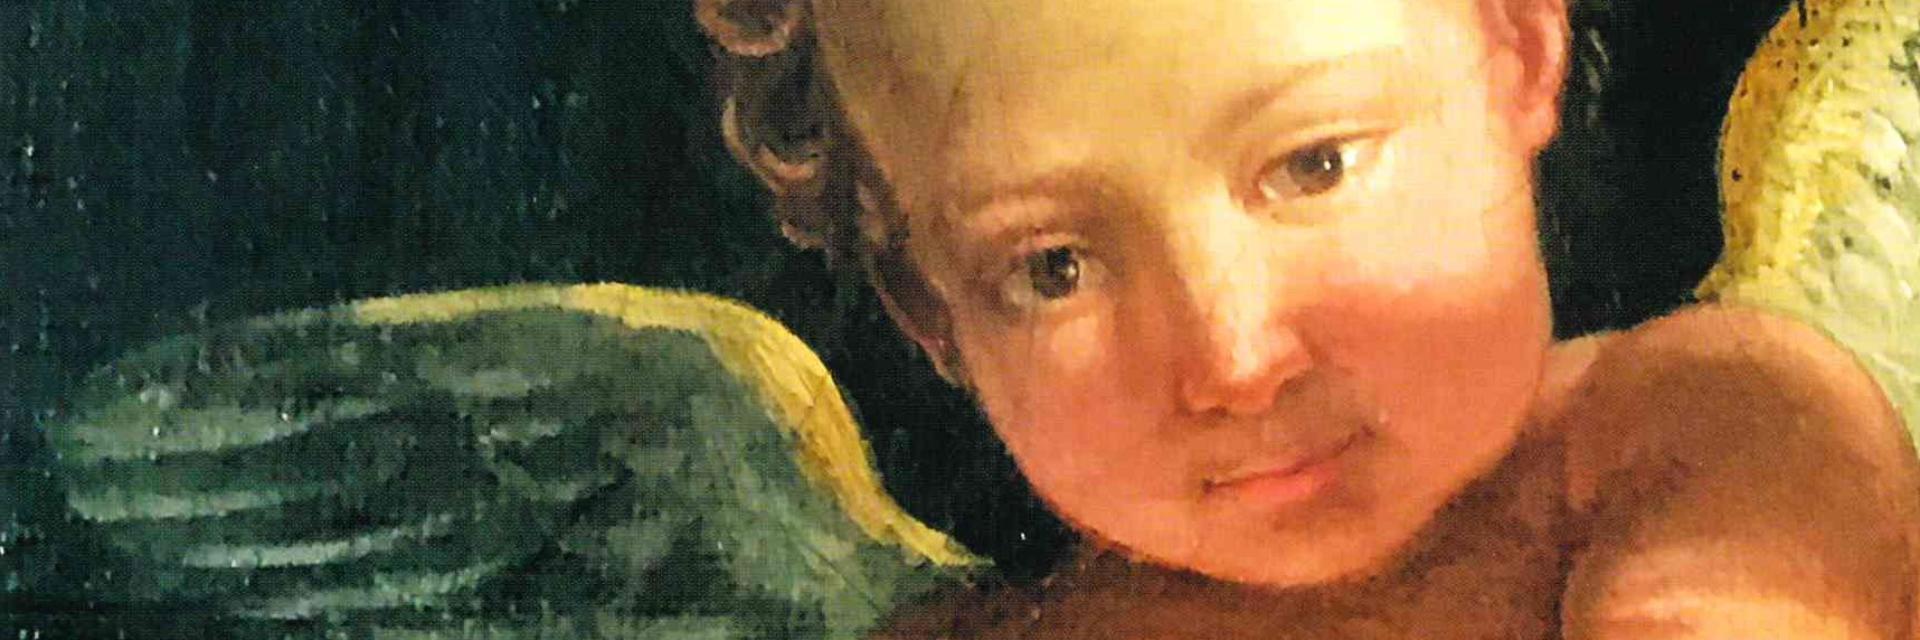 Exposition le musée vous ouvre son coeur < Soissons